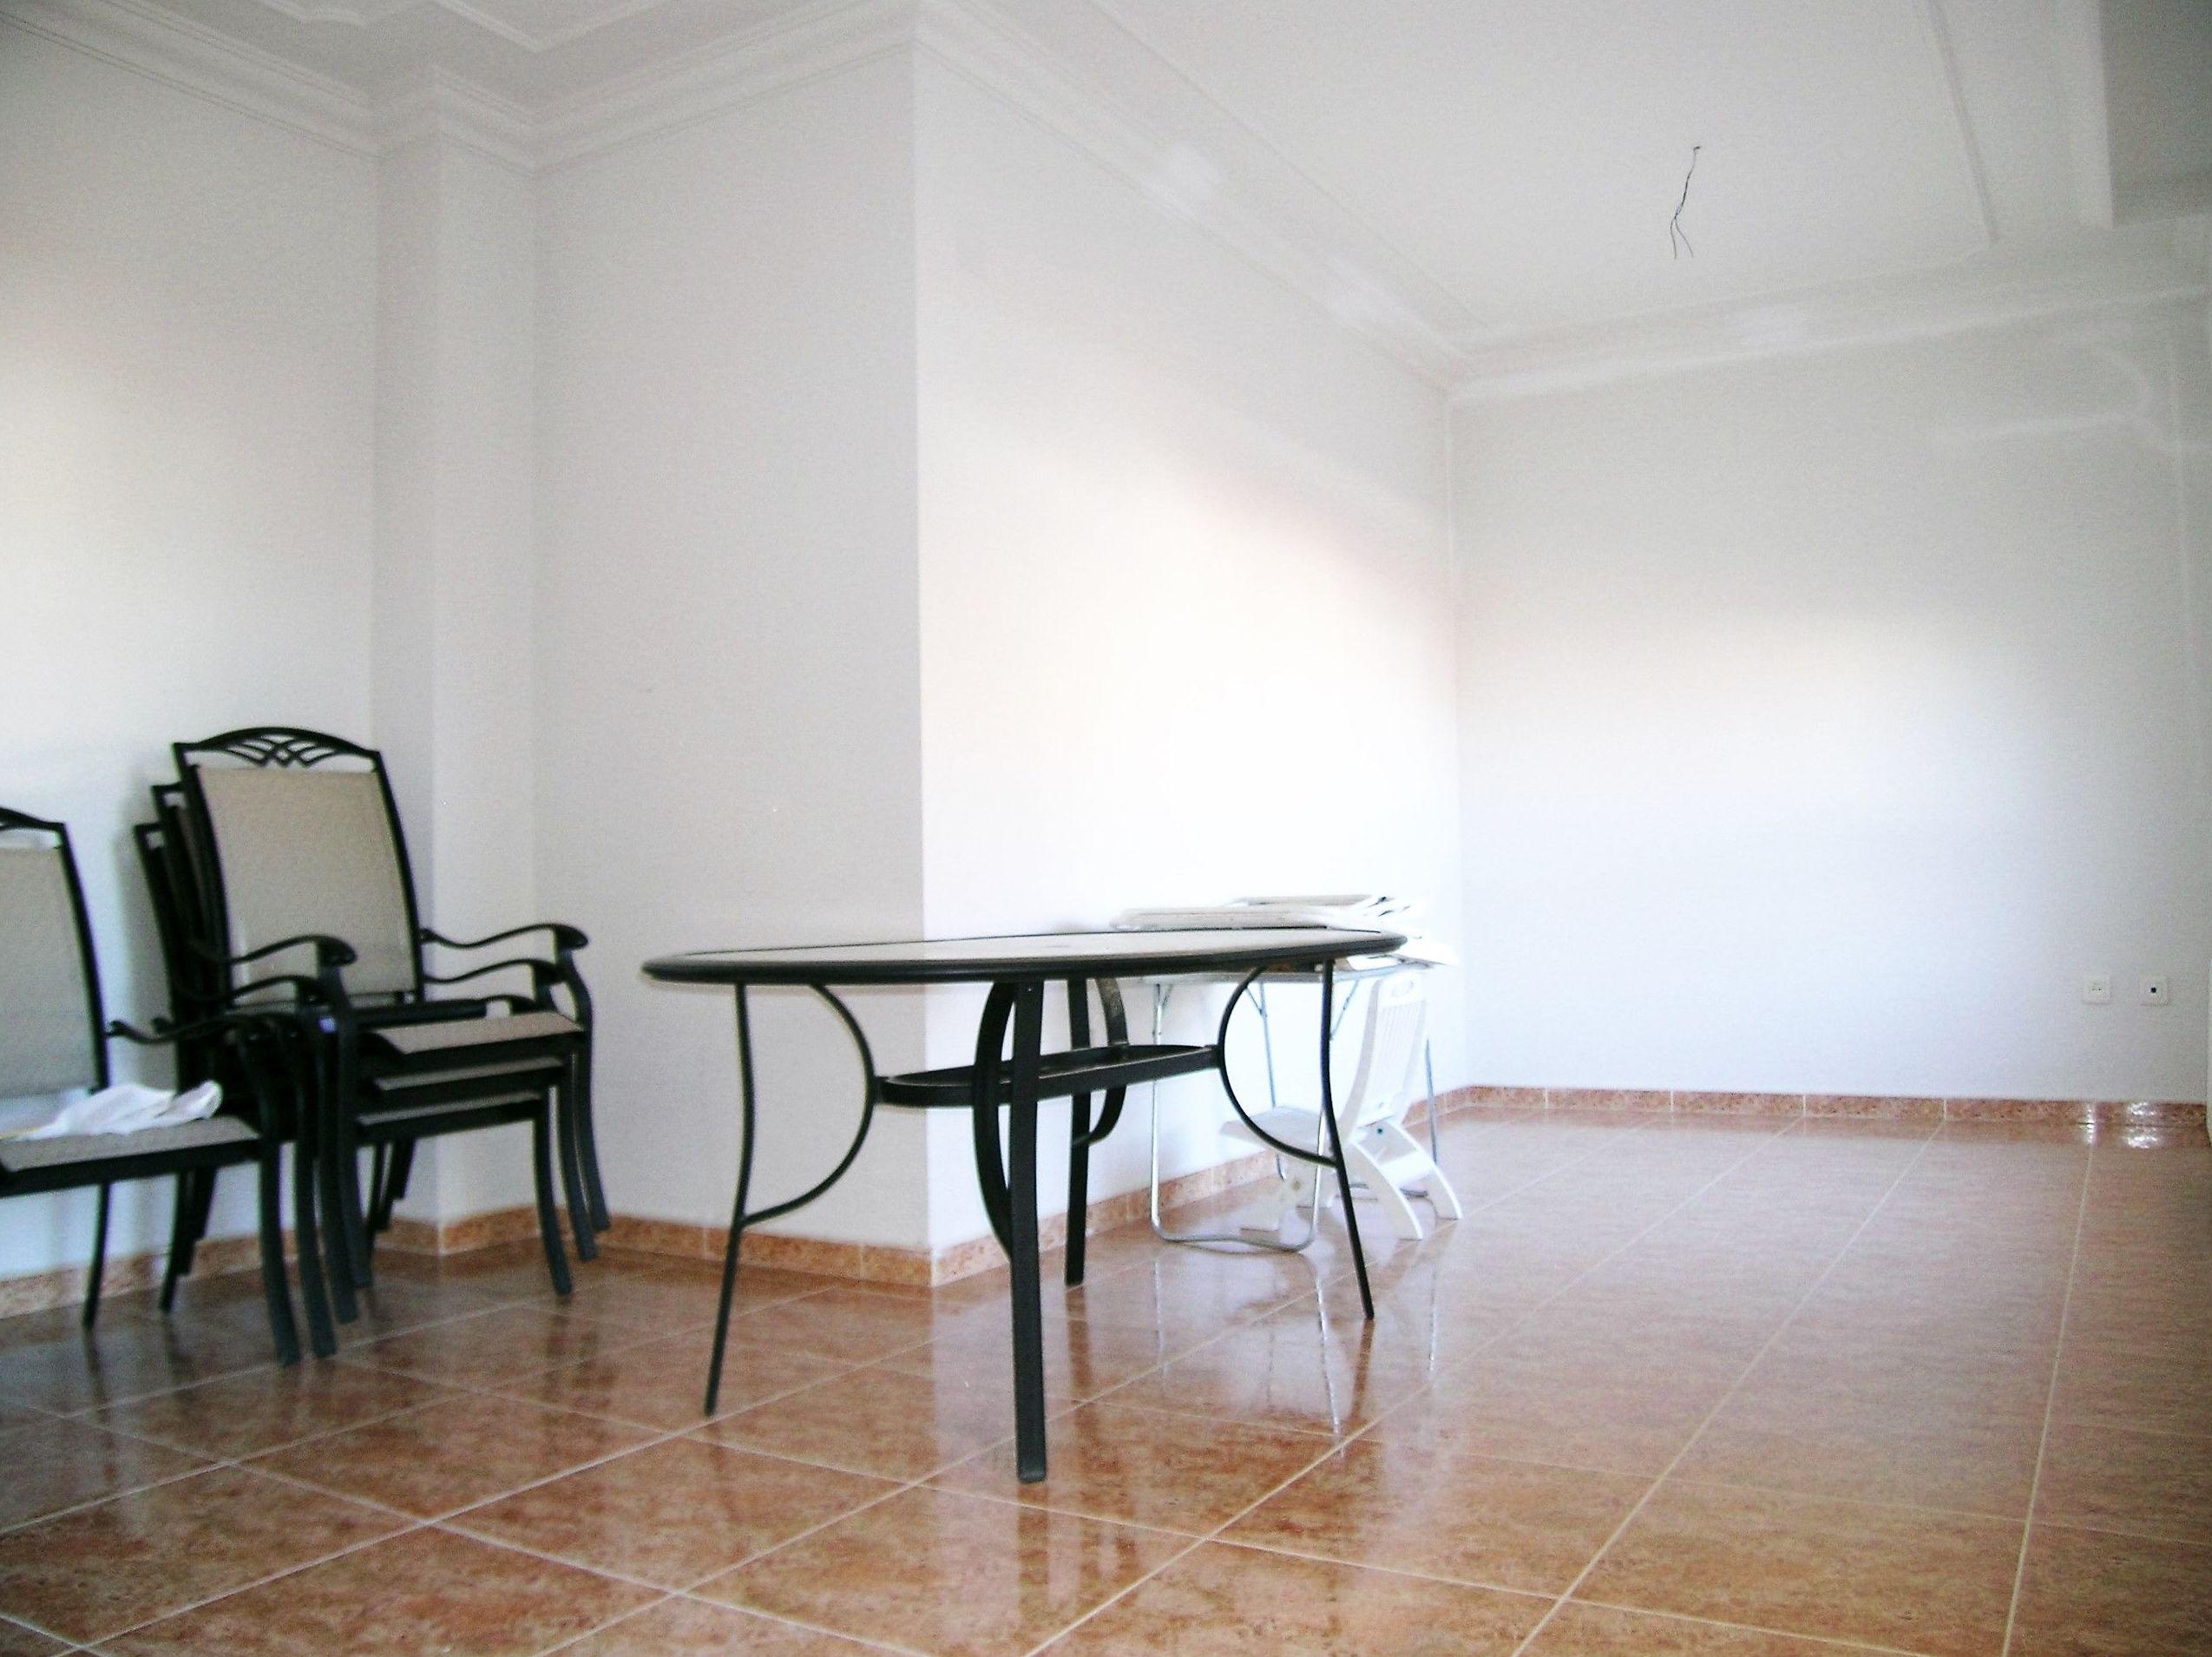 Foto 1 de Inmobiliarias en Hellín | Servicasa Servicios Inmobiliarios